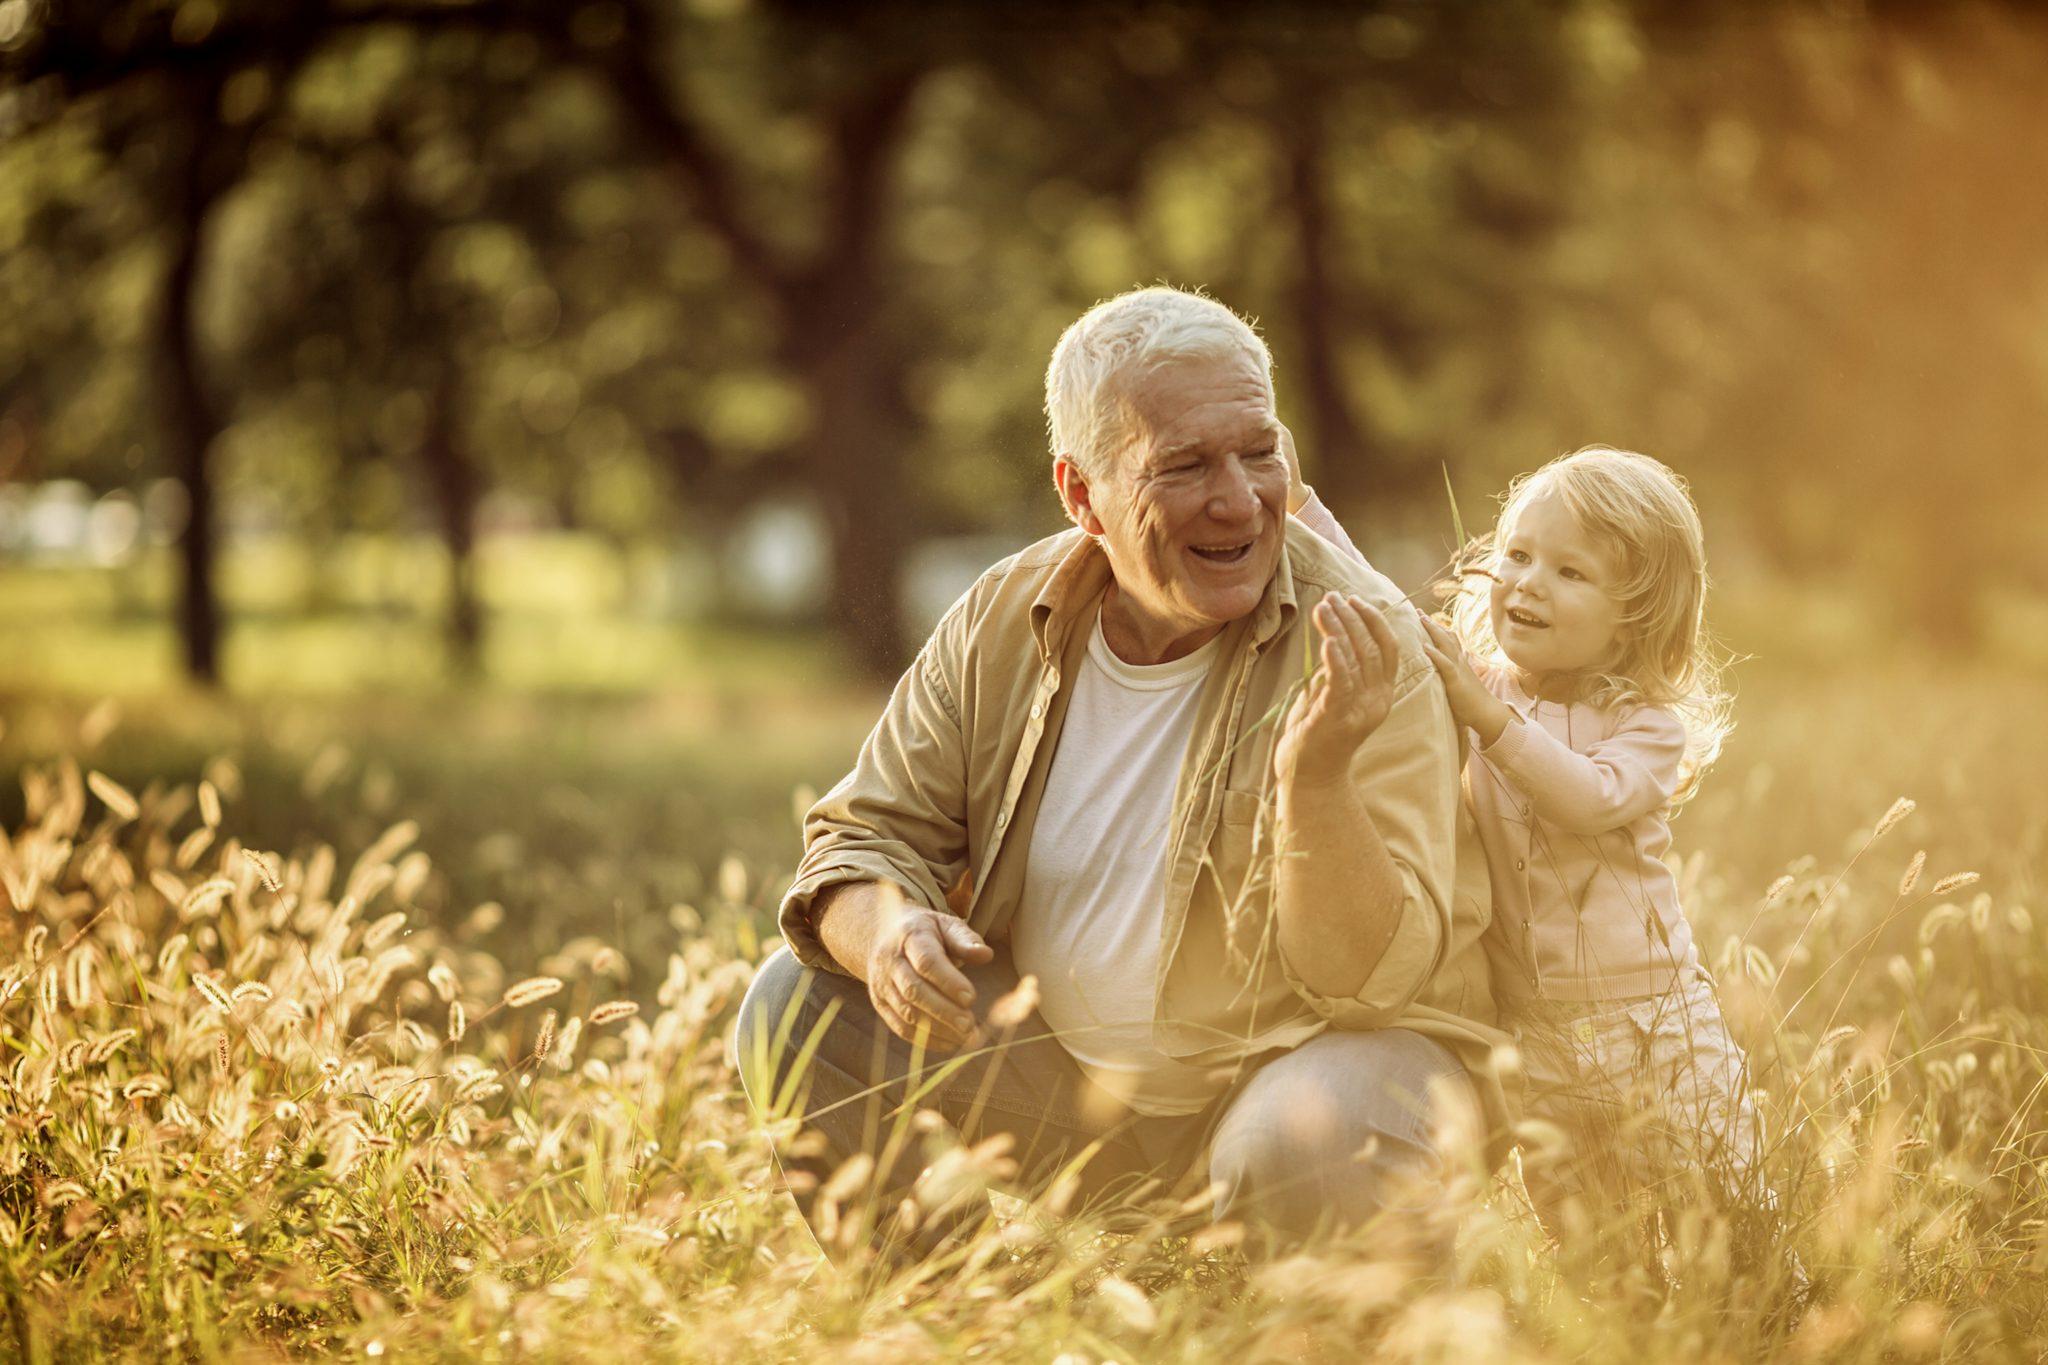 картинки старичок с детьми несколько лет сделал